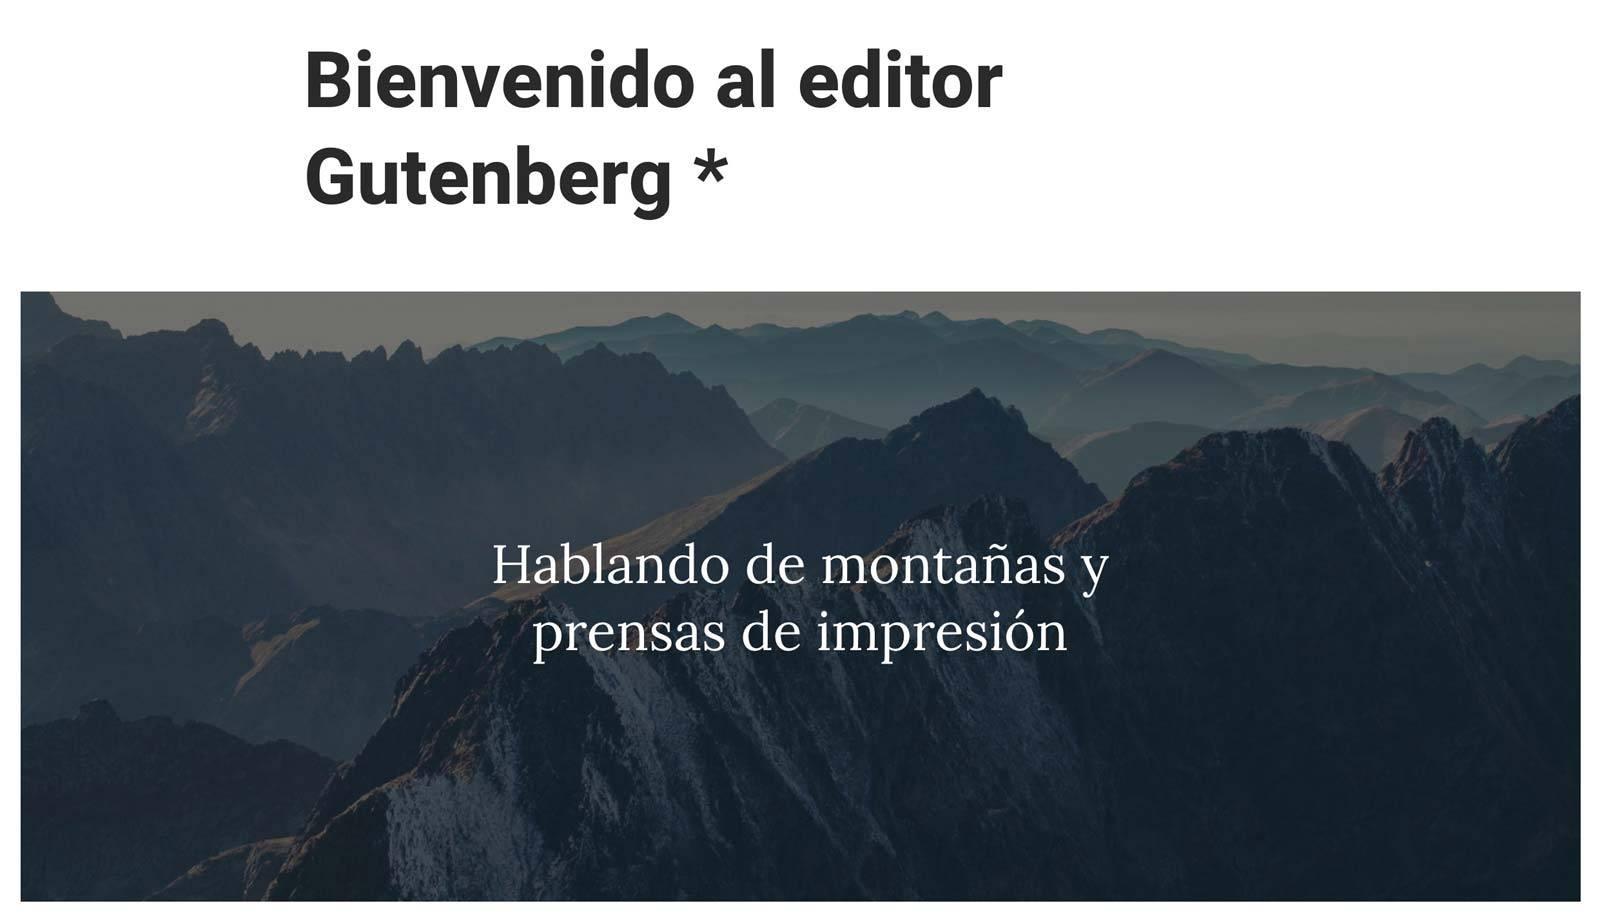 Gutenberg mucho más que un editor